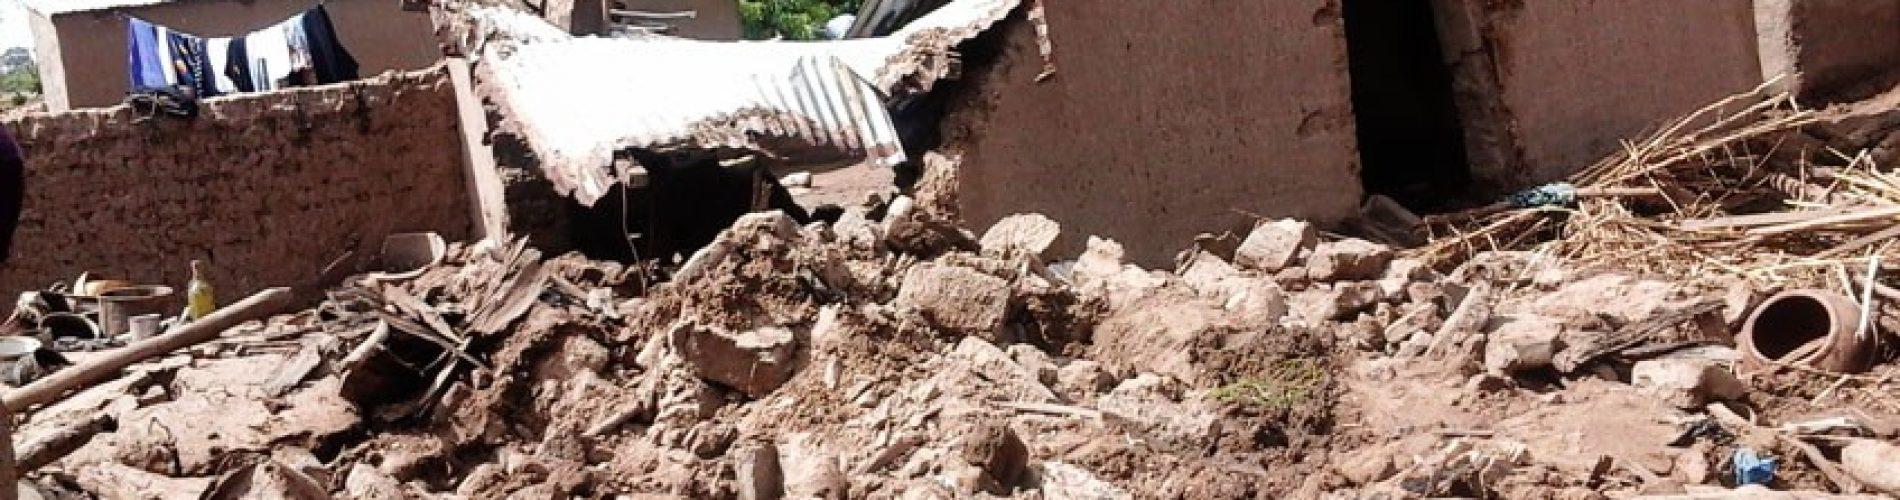 Situation des inondations au Mali par les évaluateurs de la Croix-Rouge malienne